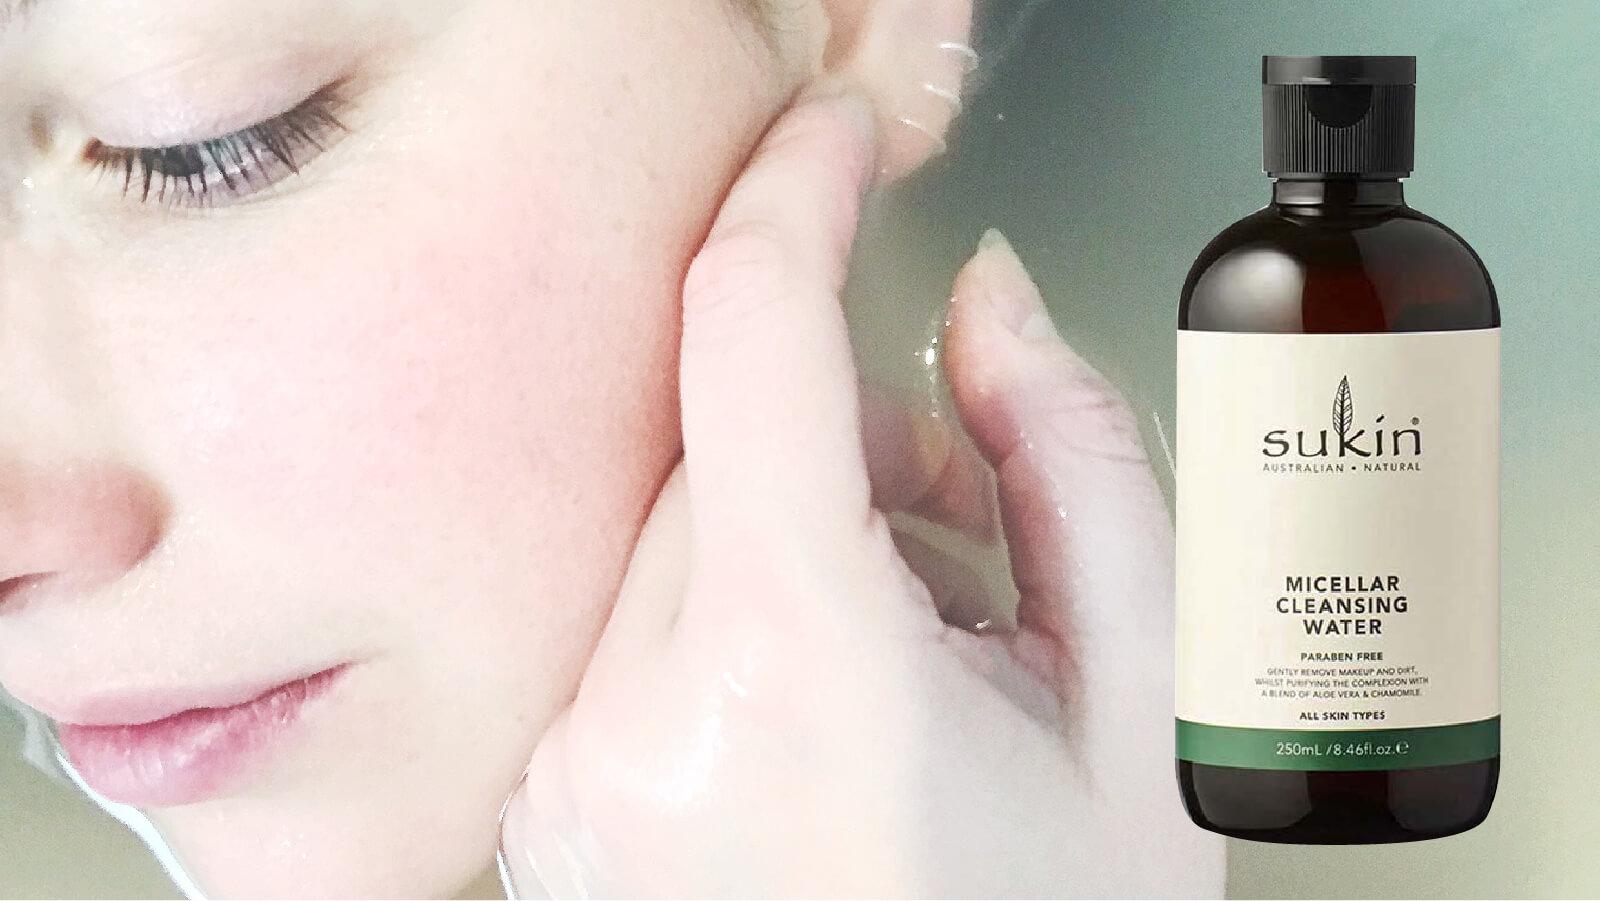 【1つ3役】のオールインワン化粧品